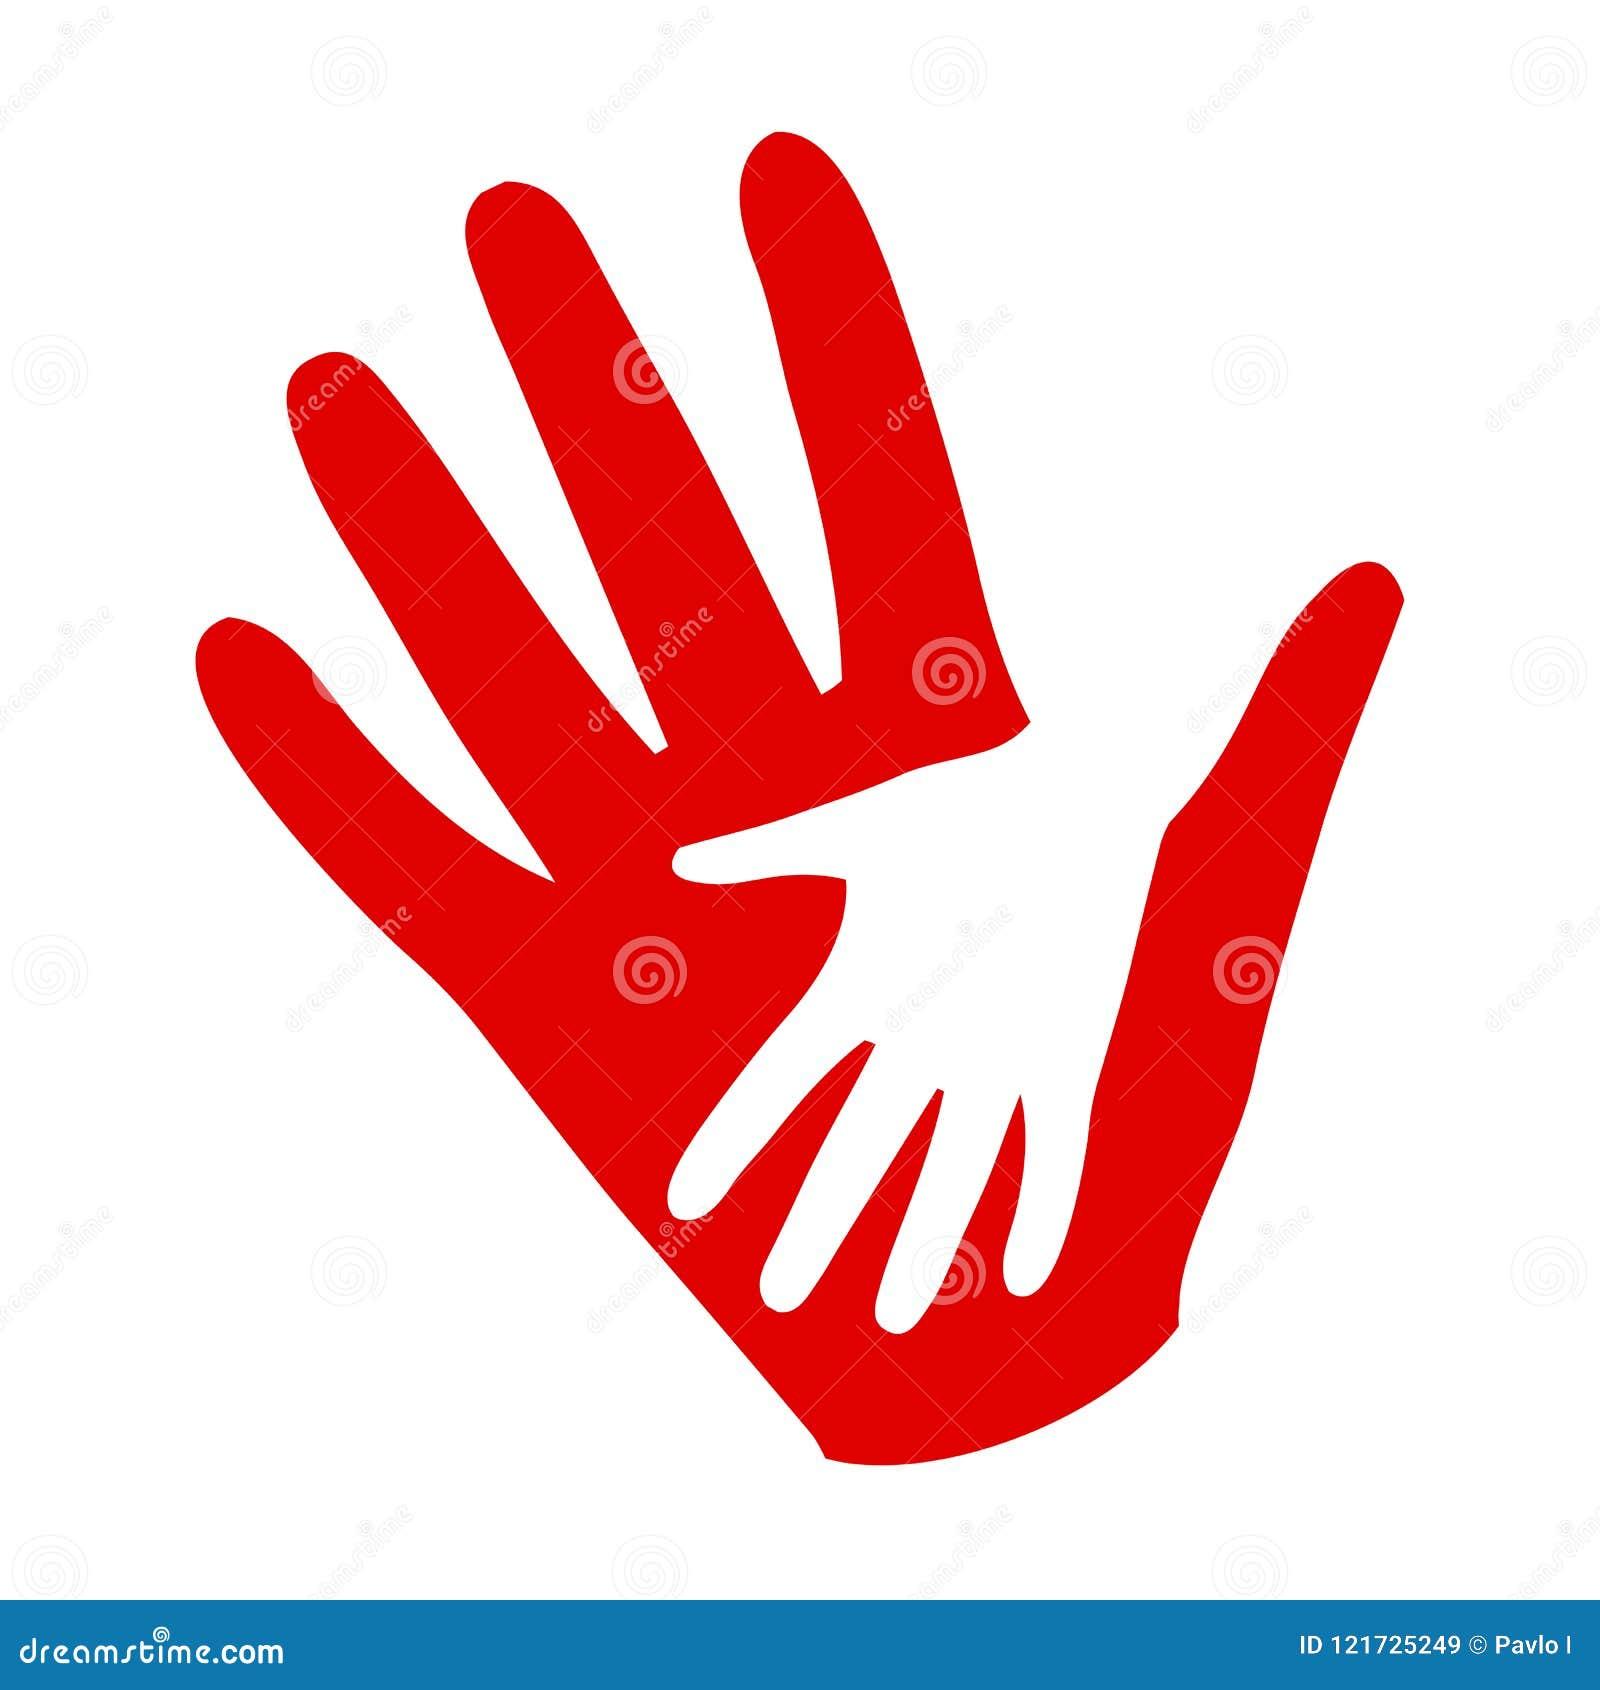 Drei Hände auf Händen, Nächstenliebeikone, Organisation von Freiwilligen, Familiengemeinschaft